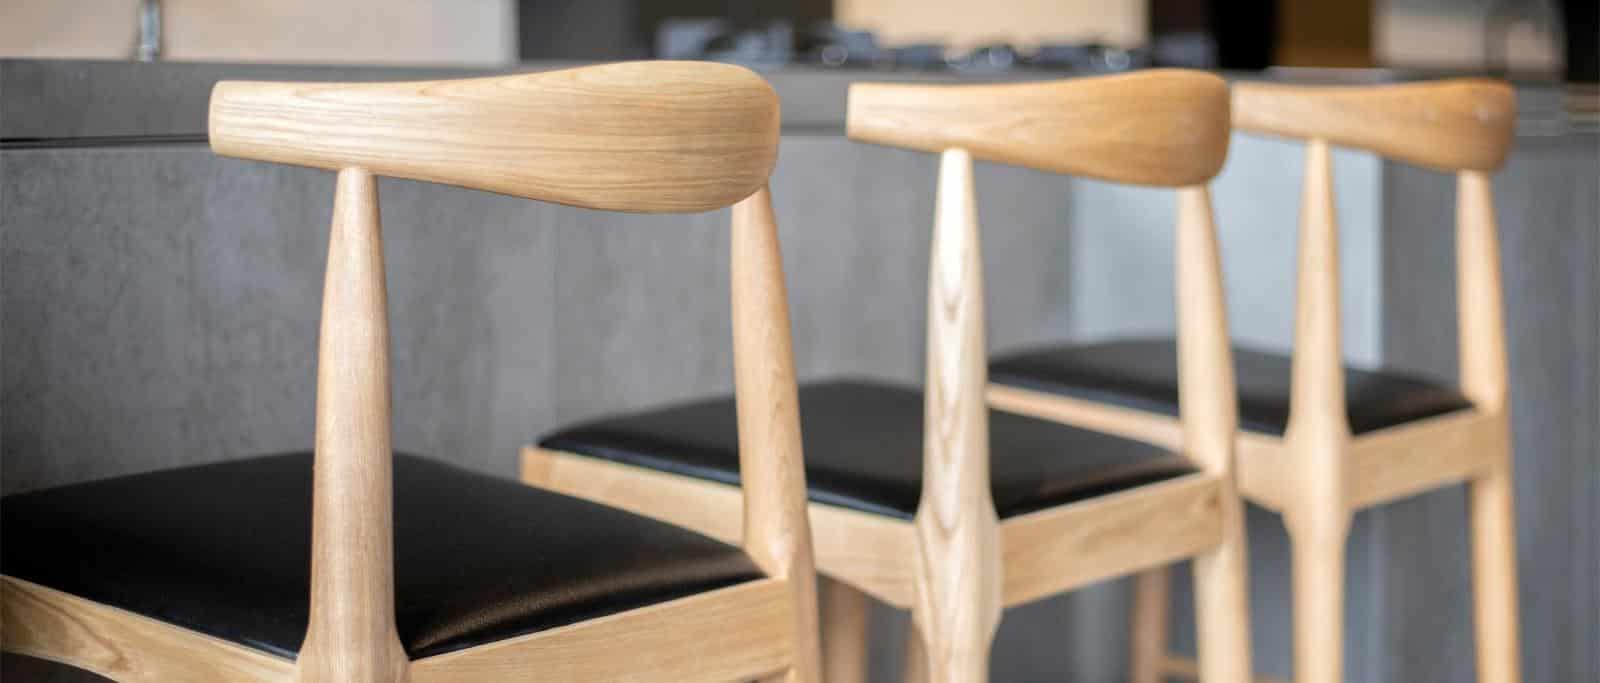 כסאות לעיצוב הבר והדלפק